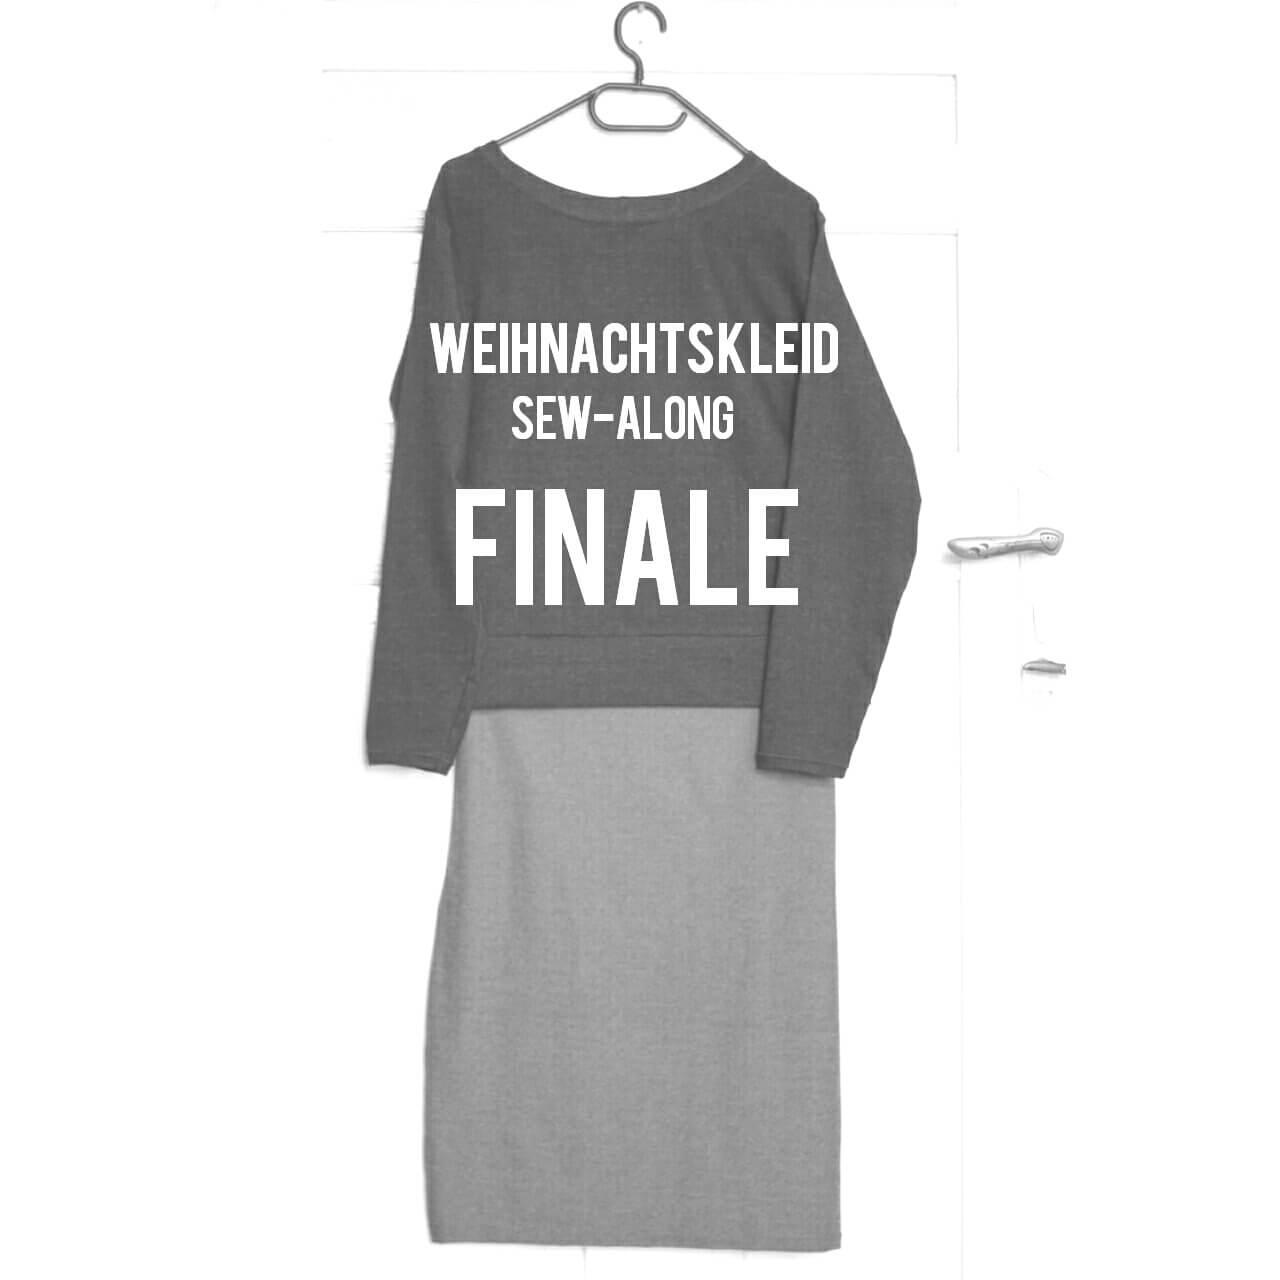 Weihnachtskleid-Sew-Along 2015 FINALE